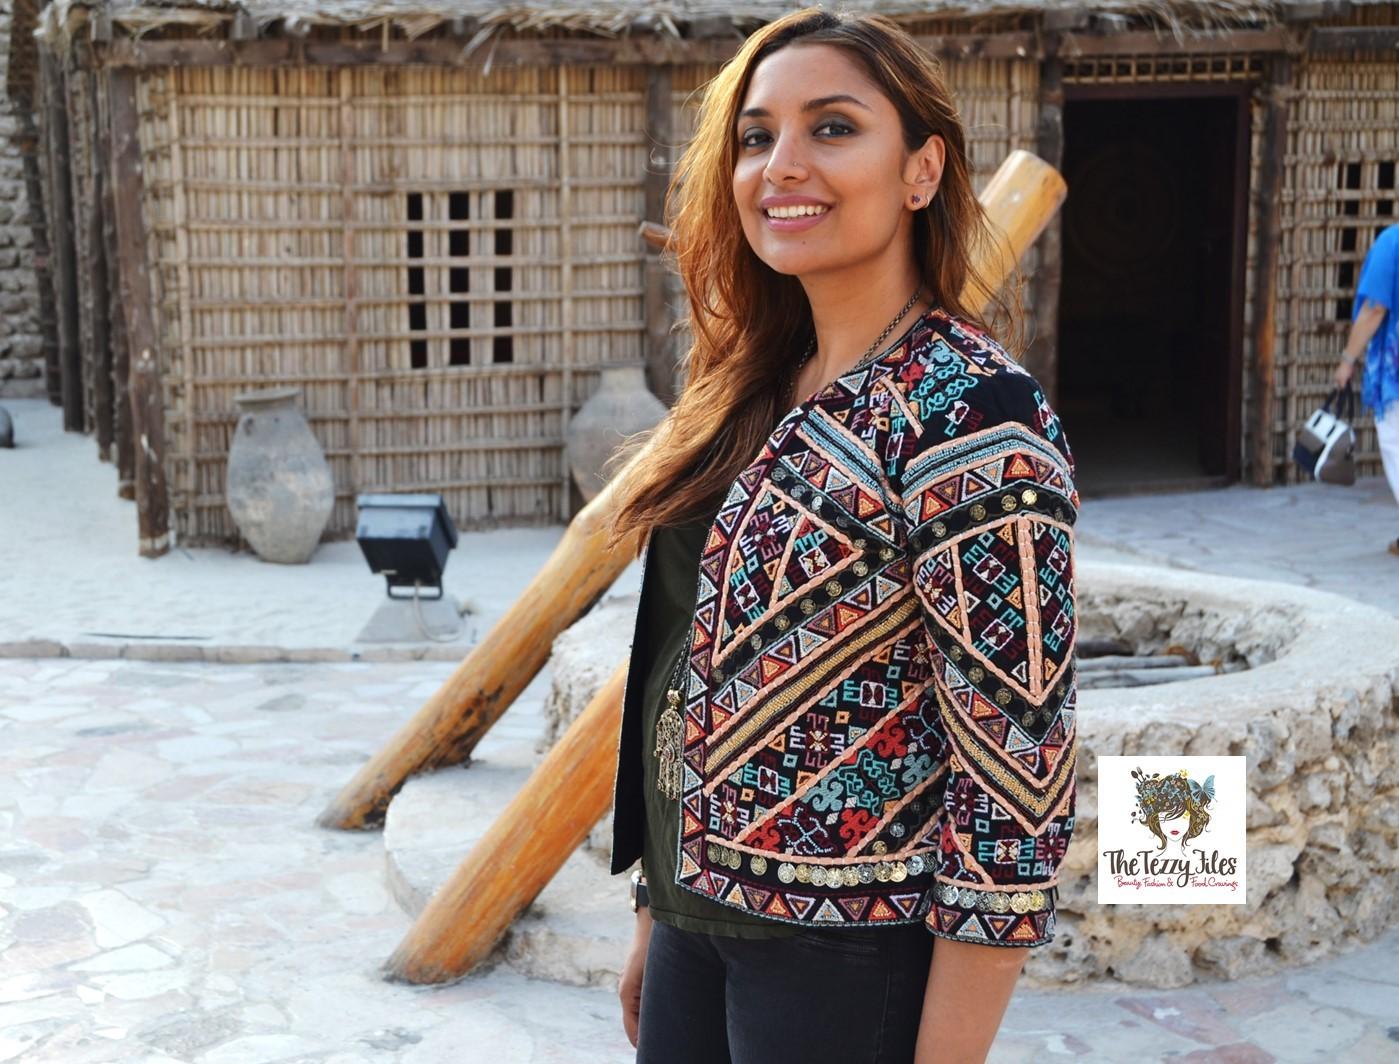 74331b08 #ootd zara tribal jacket the tezzy files fashion blog dubai uae at dubai  museum arabic